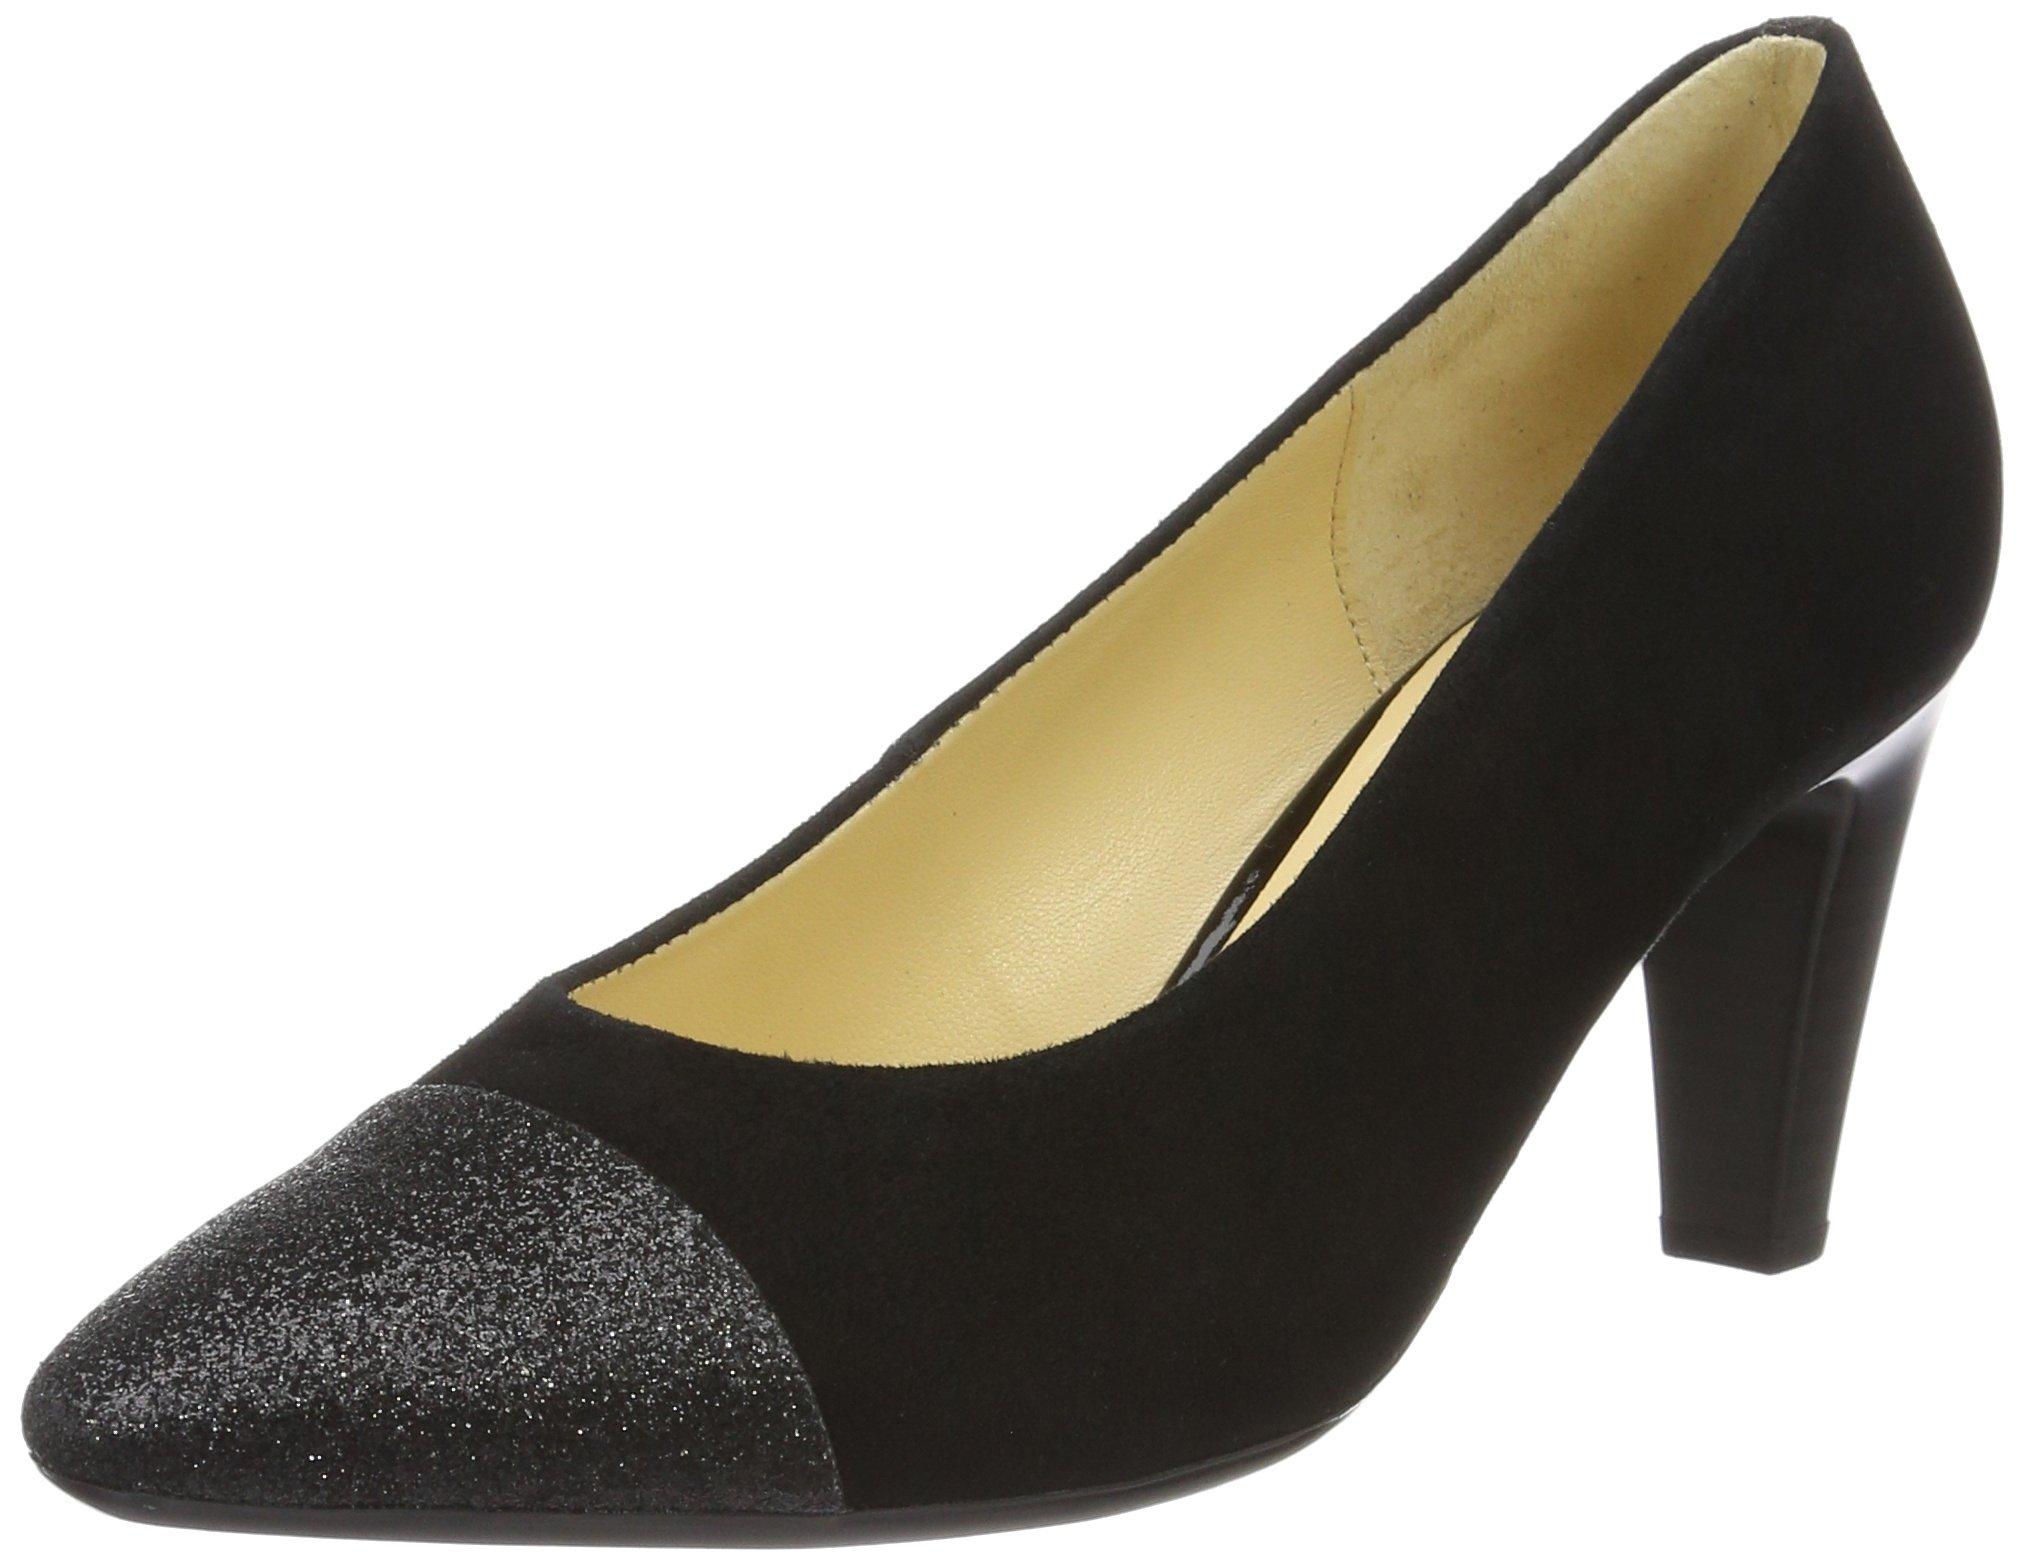 Eu 4039 FashionEscarpins Gabor Shoes FemmeNoirschwarz 8nNm0w